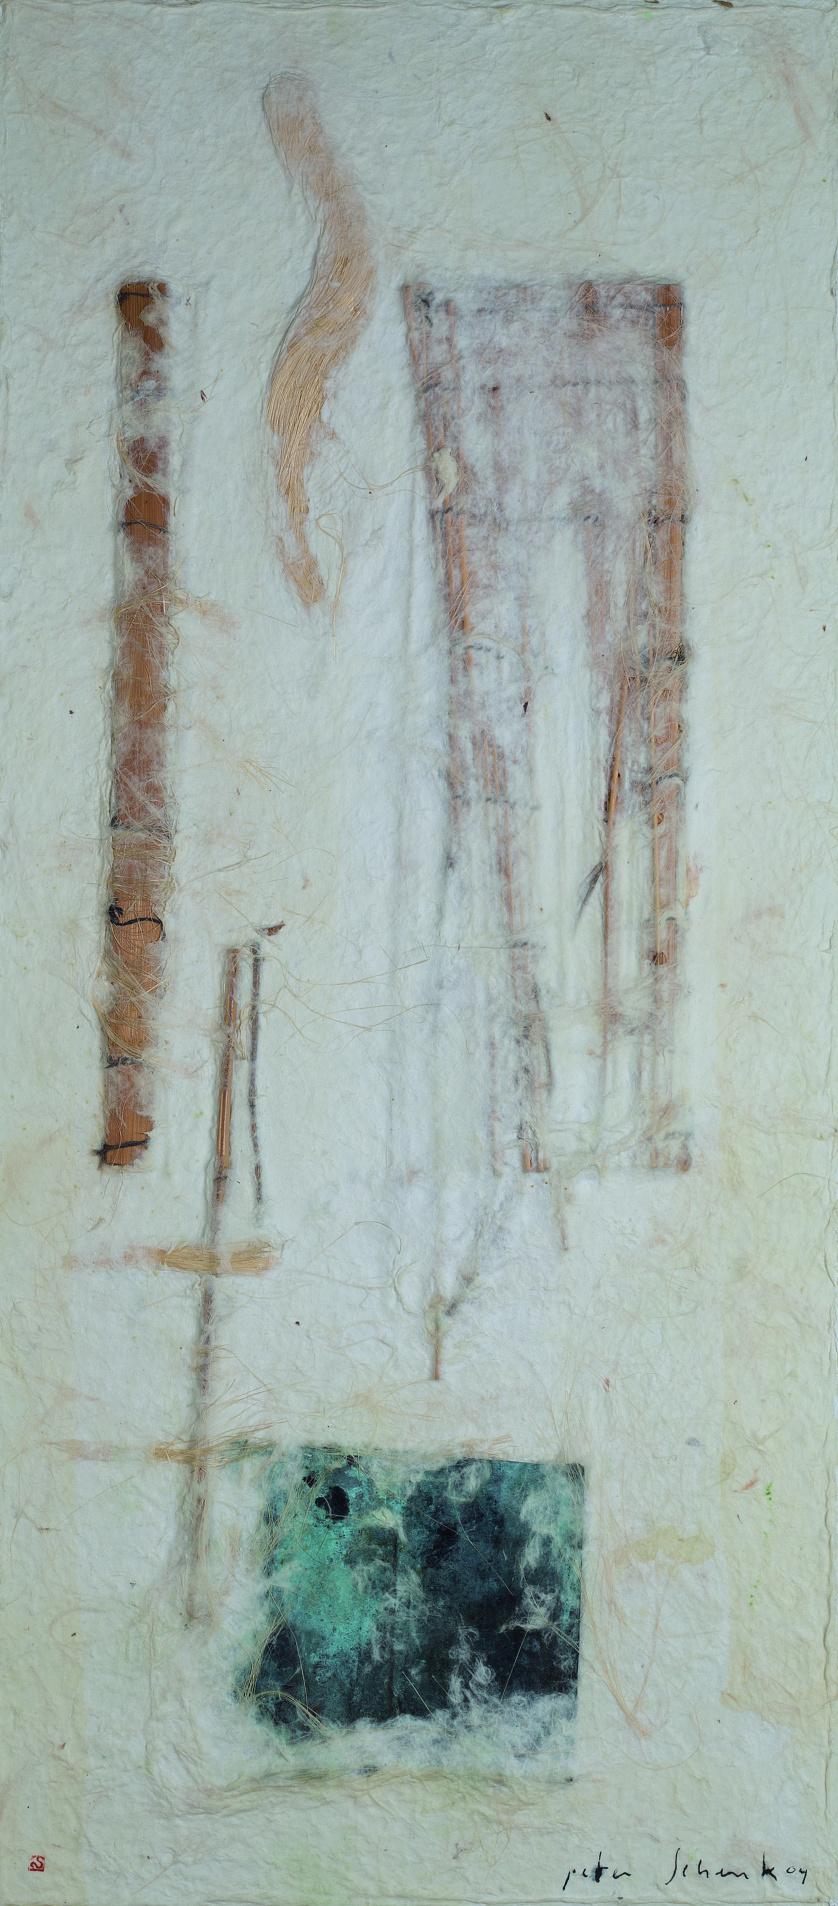 PETER SHENK, Compositic met bamboo en kooper, 2004